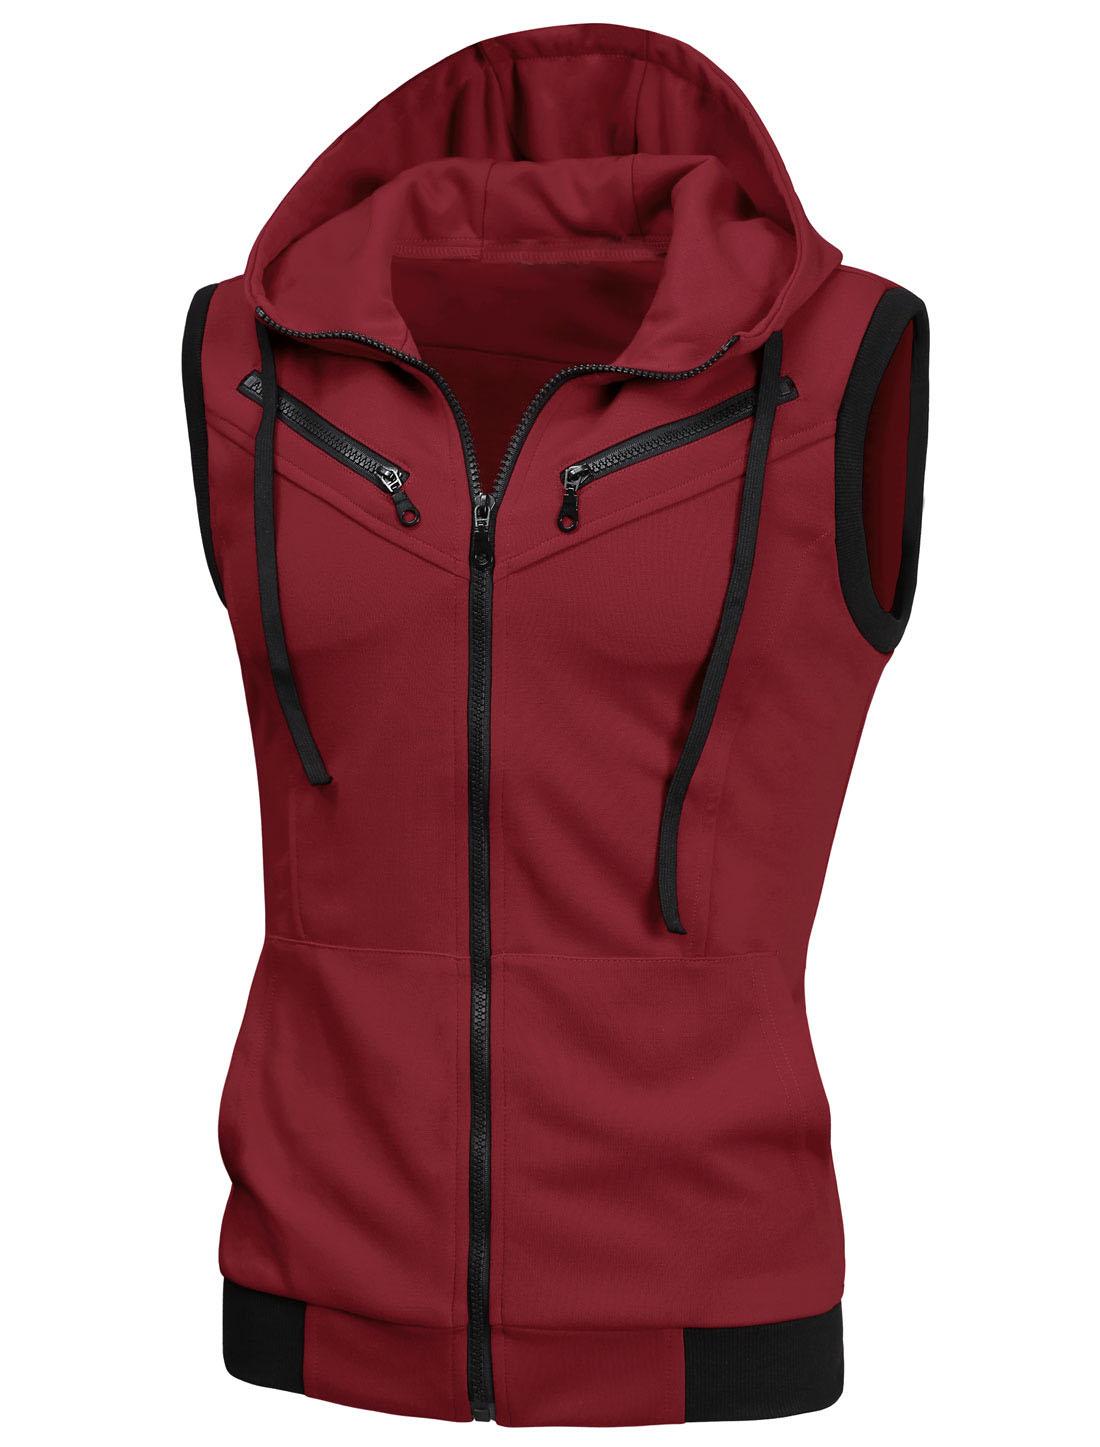 Full Zipper Double Pockets Front Hooded Vest for Men Burgundy S